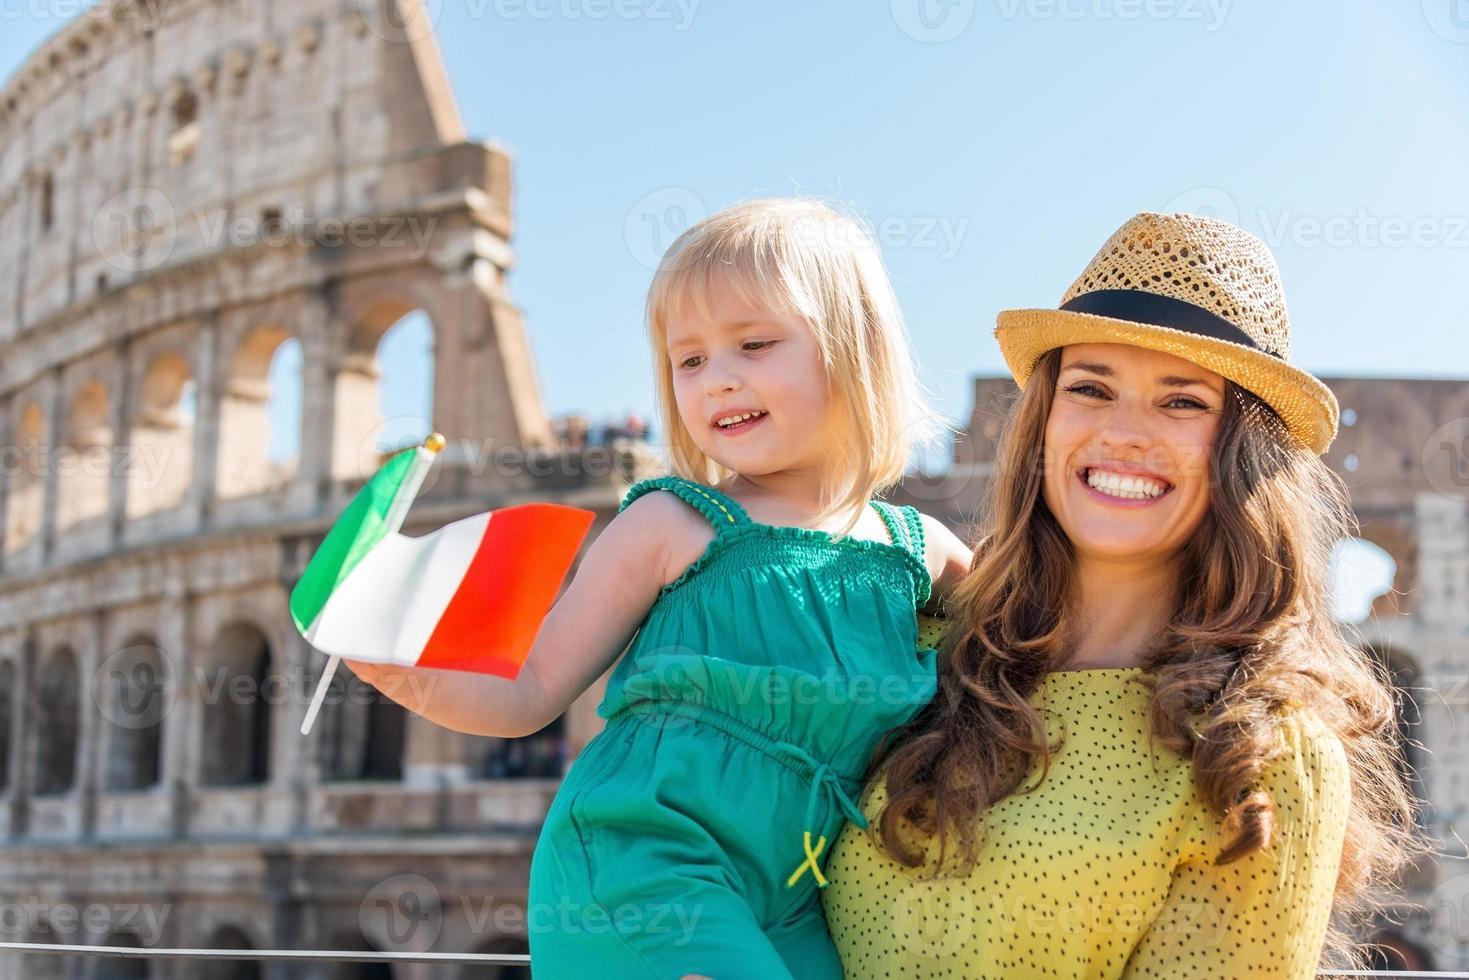 sonriente madre e hija ondeando la bandera italiana por el coliseo foto